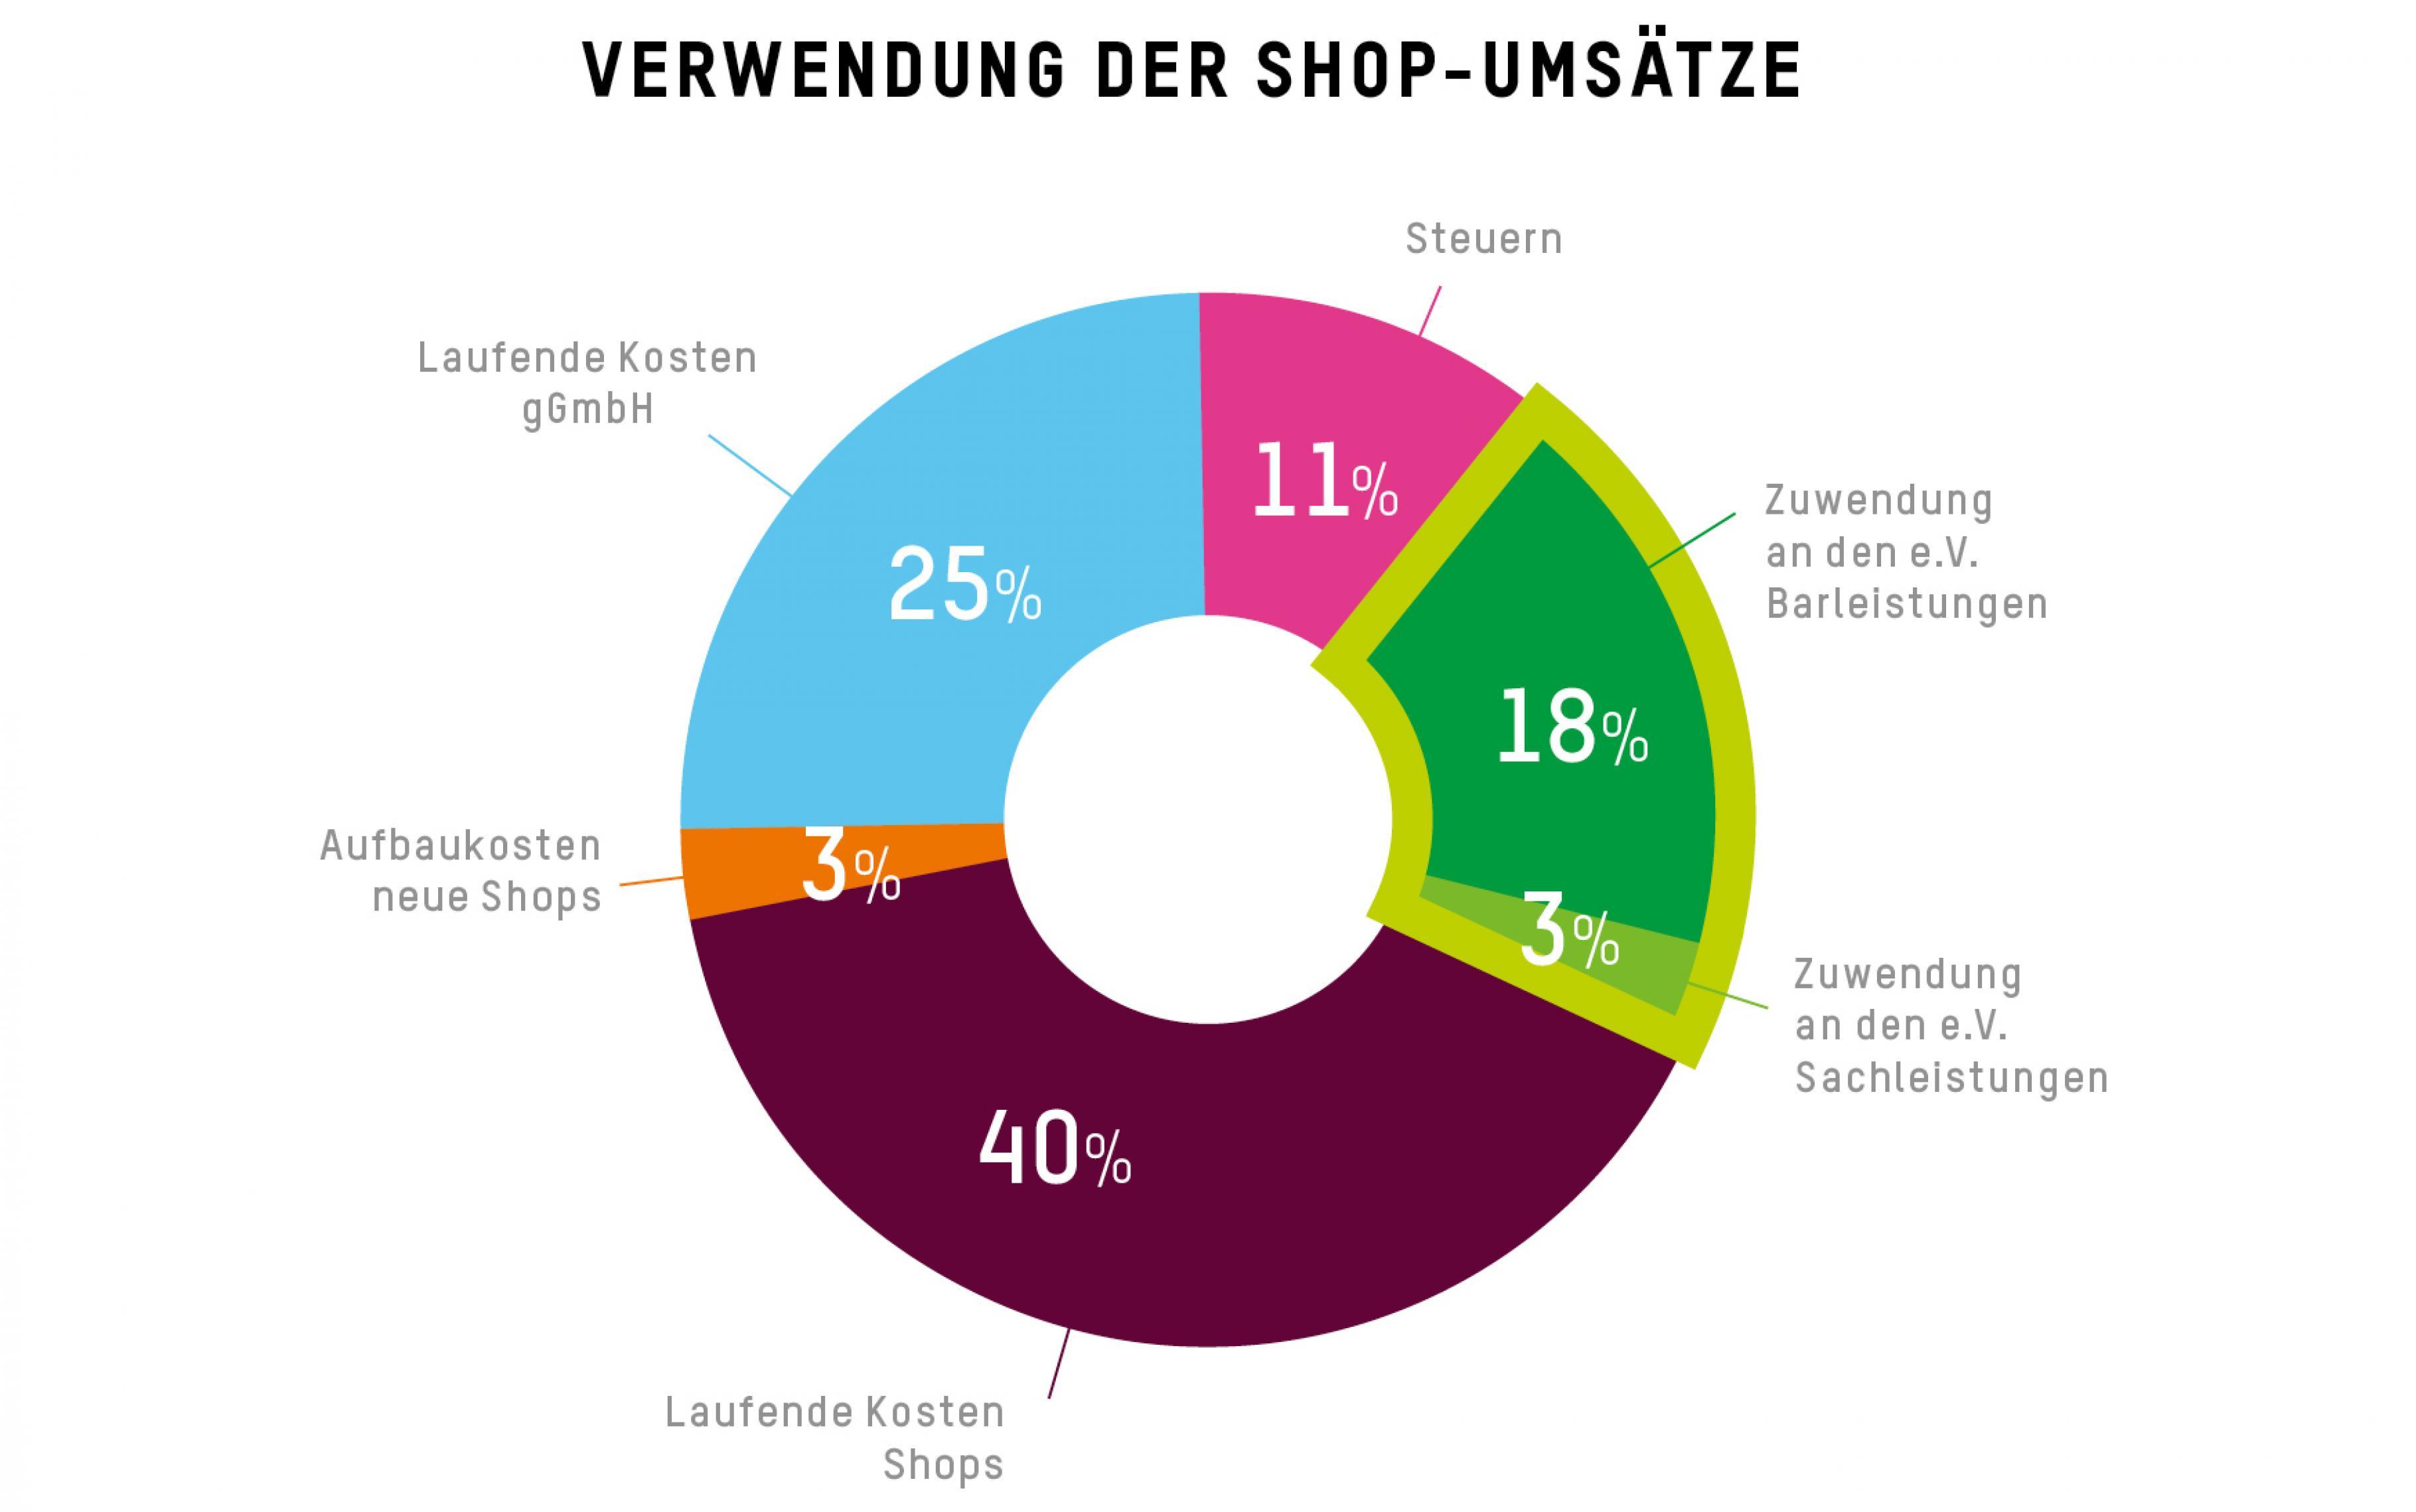 Verwendung der Umsätze der Oxfam Shops gGmbH 2016/17